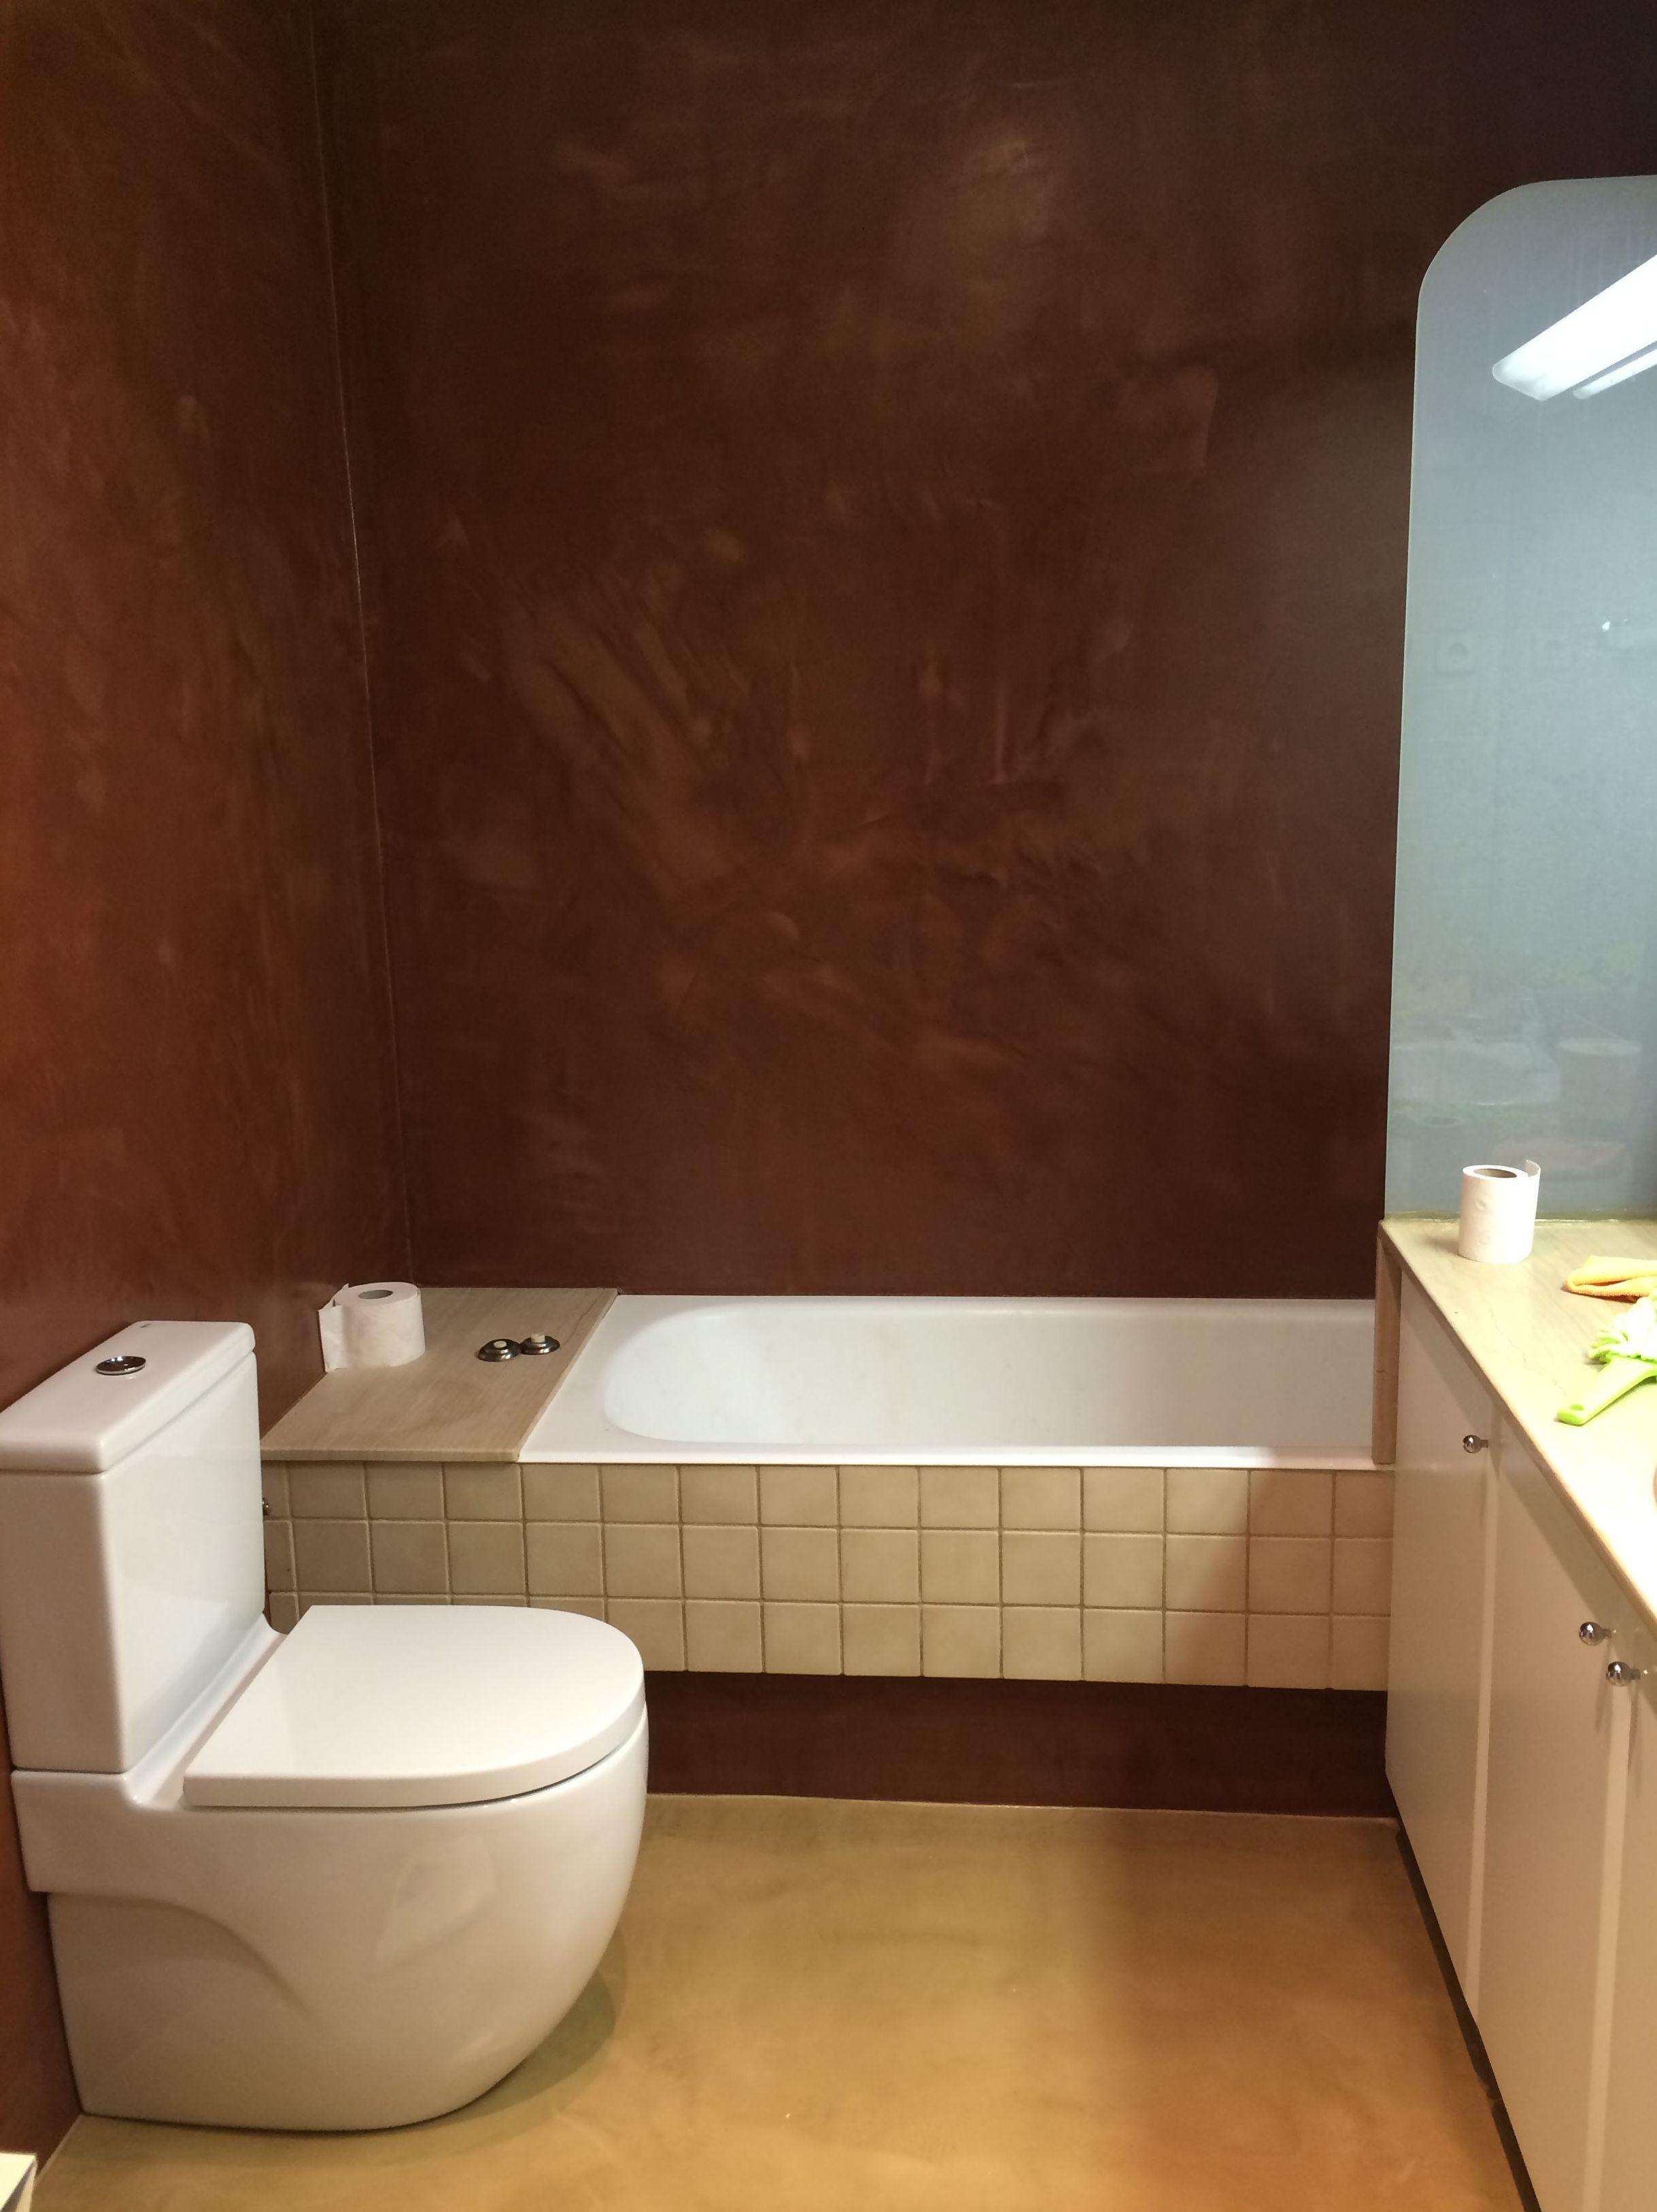 Acabados de micro-cemento en suelo y paredes ,en satinado